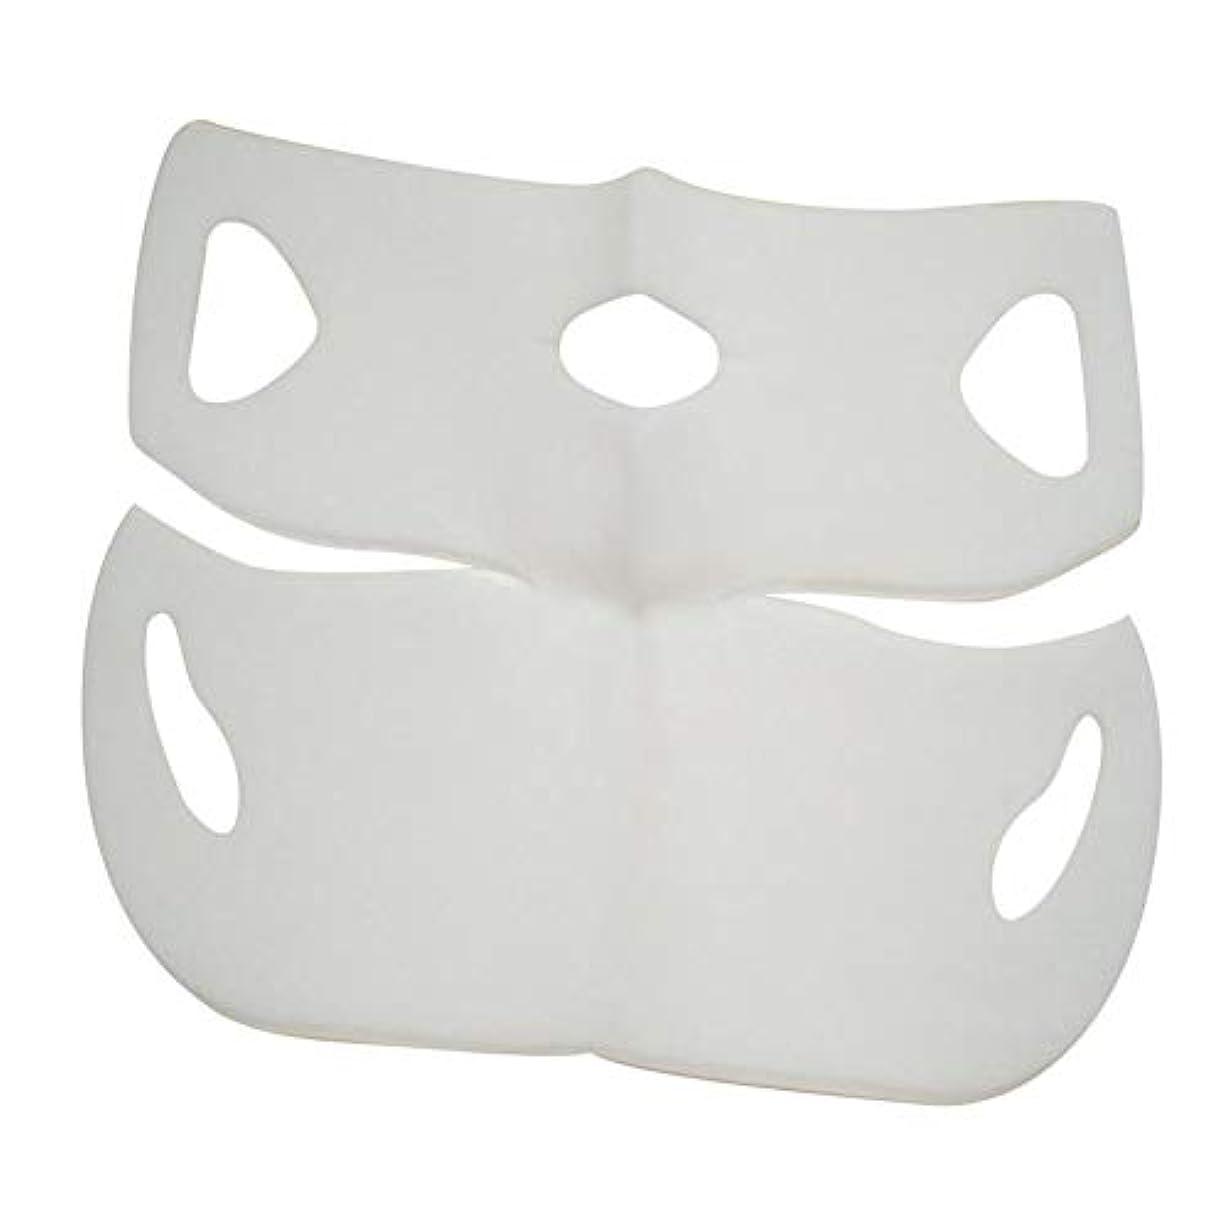 間欠エイズ叙情的なSILUN 最新型 4D Vフェイシャルマスク フェイスマスク 小顔 マスク フェイスラインベルト 美顔 顔痩せ 肌ケア 保湿 毛細血管収縮 睡眠マスク